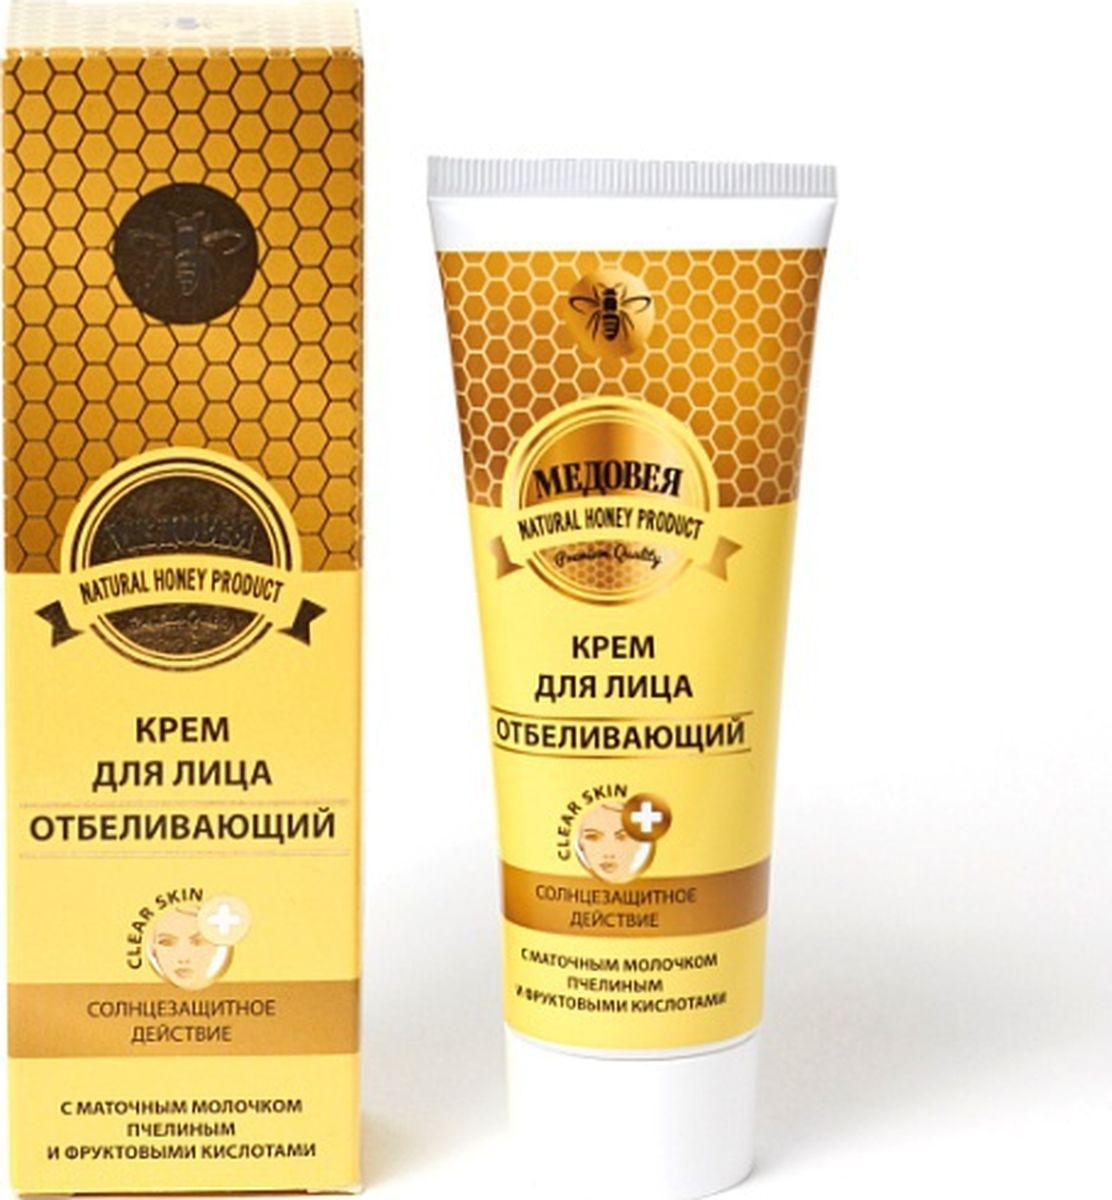 Медовея Крем для лица отбеливающий с солнцезащитным эффектом, 75 мл4627093830473Отбеливающий крем для лица Медовея отбеливает кожу, веснушки, хлоазмы, пигментные пятна. Крем содержит активный компонент для депигментации кожи, который в совокупности замедляет биосинтез меланина, обеспечивая значительное осветление пигментных пятен, предупреждая их новое появление. Входящий в состав крема минеральный экран диоксид титан защищает кожу от негативного воздействия солнечных лучей УФ-лучей и предохраняет кожу от их влияния не только летом, но и зимой. Фруктовые кислоты осветляют пигментированные участки кожи, отшелушившая отмершие клетки, стимулируют образование новых.